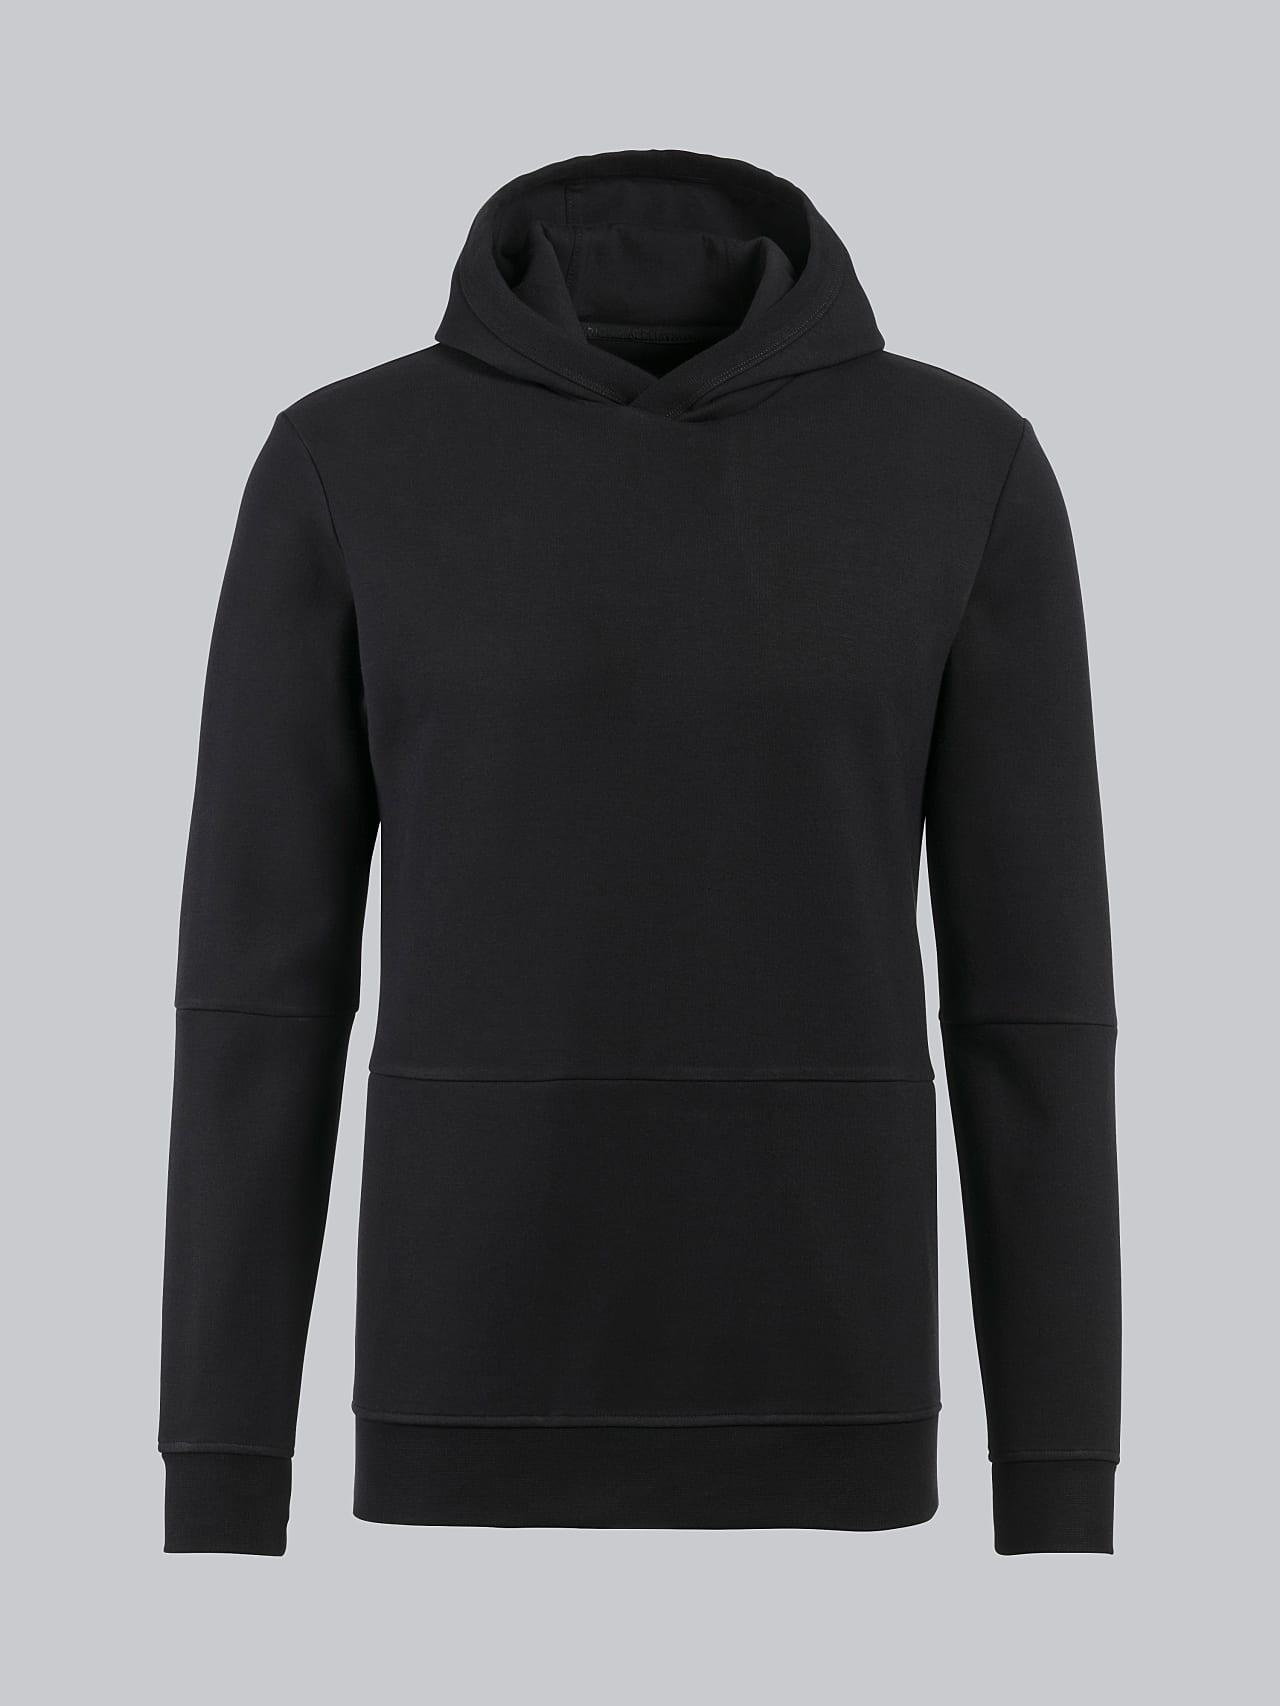 SCOOB V1.Y4.02 Taurex® Hoodie black Back Alpha Tauri